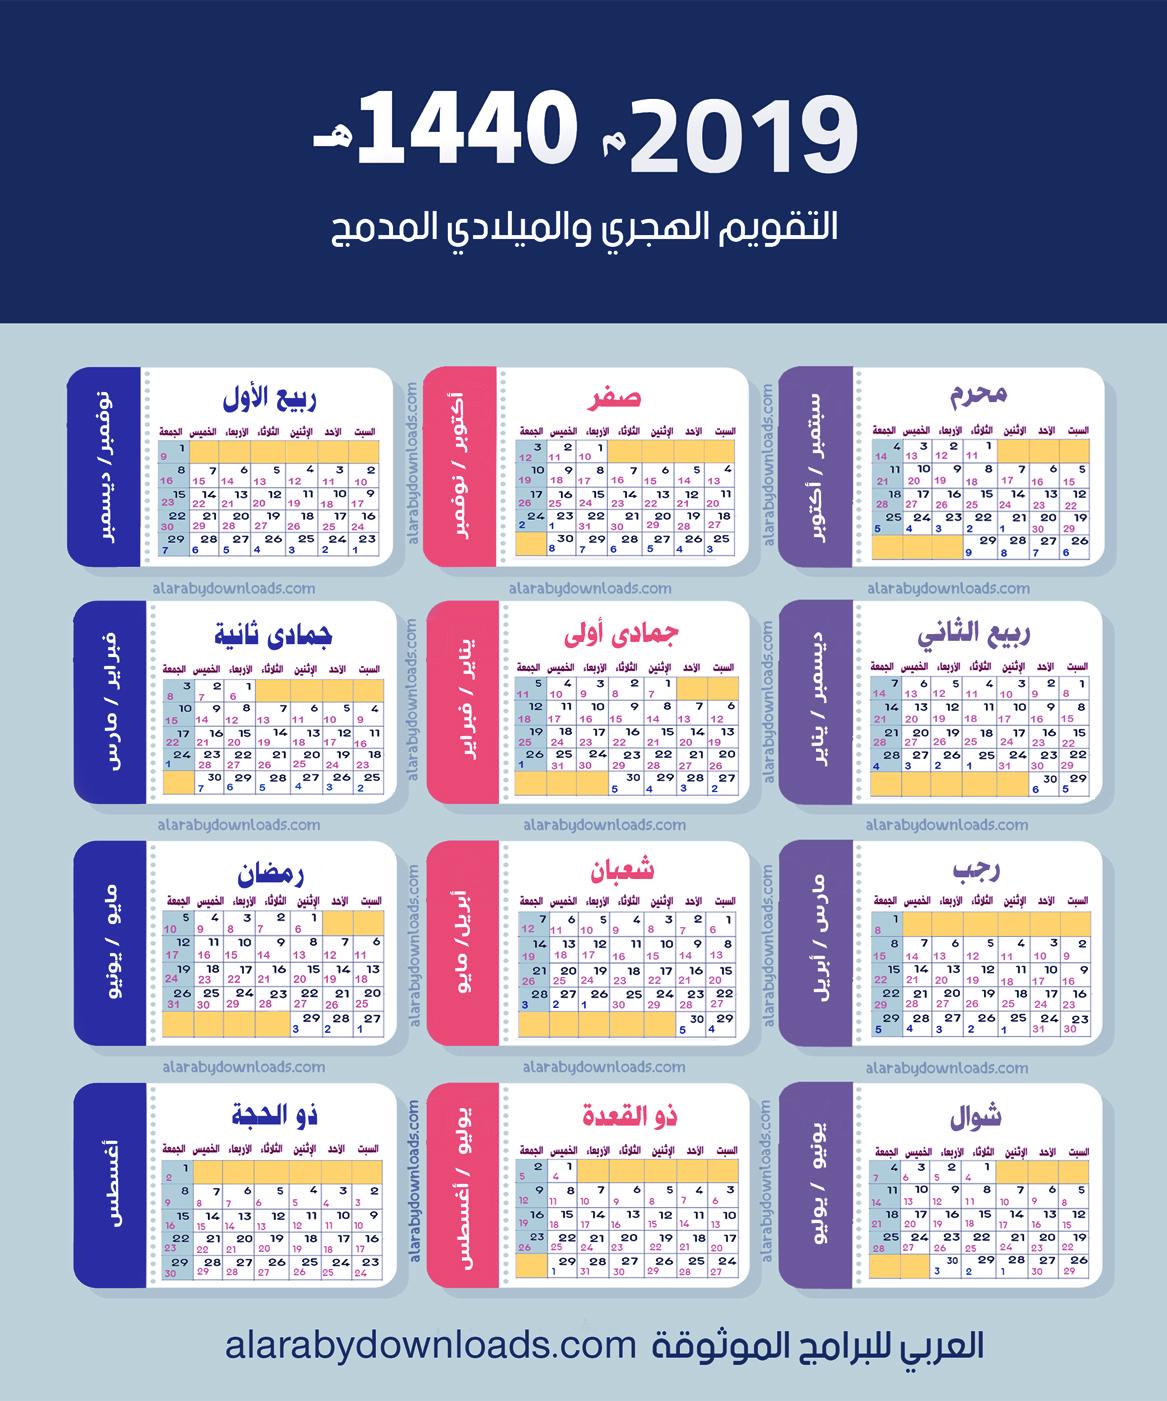 تحميل تقويم 2019 هجري وميلادي للجوال